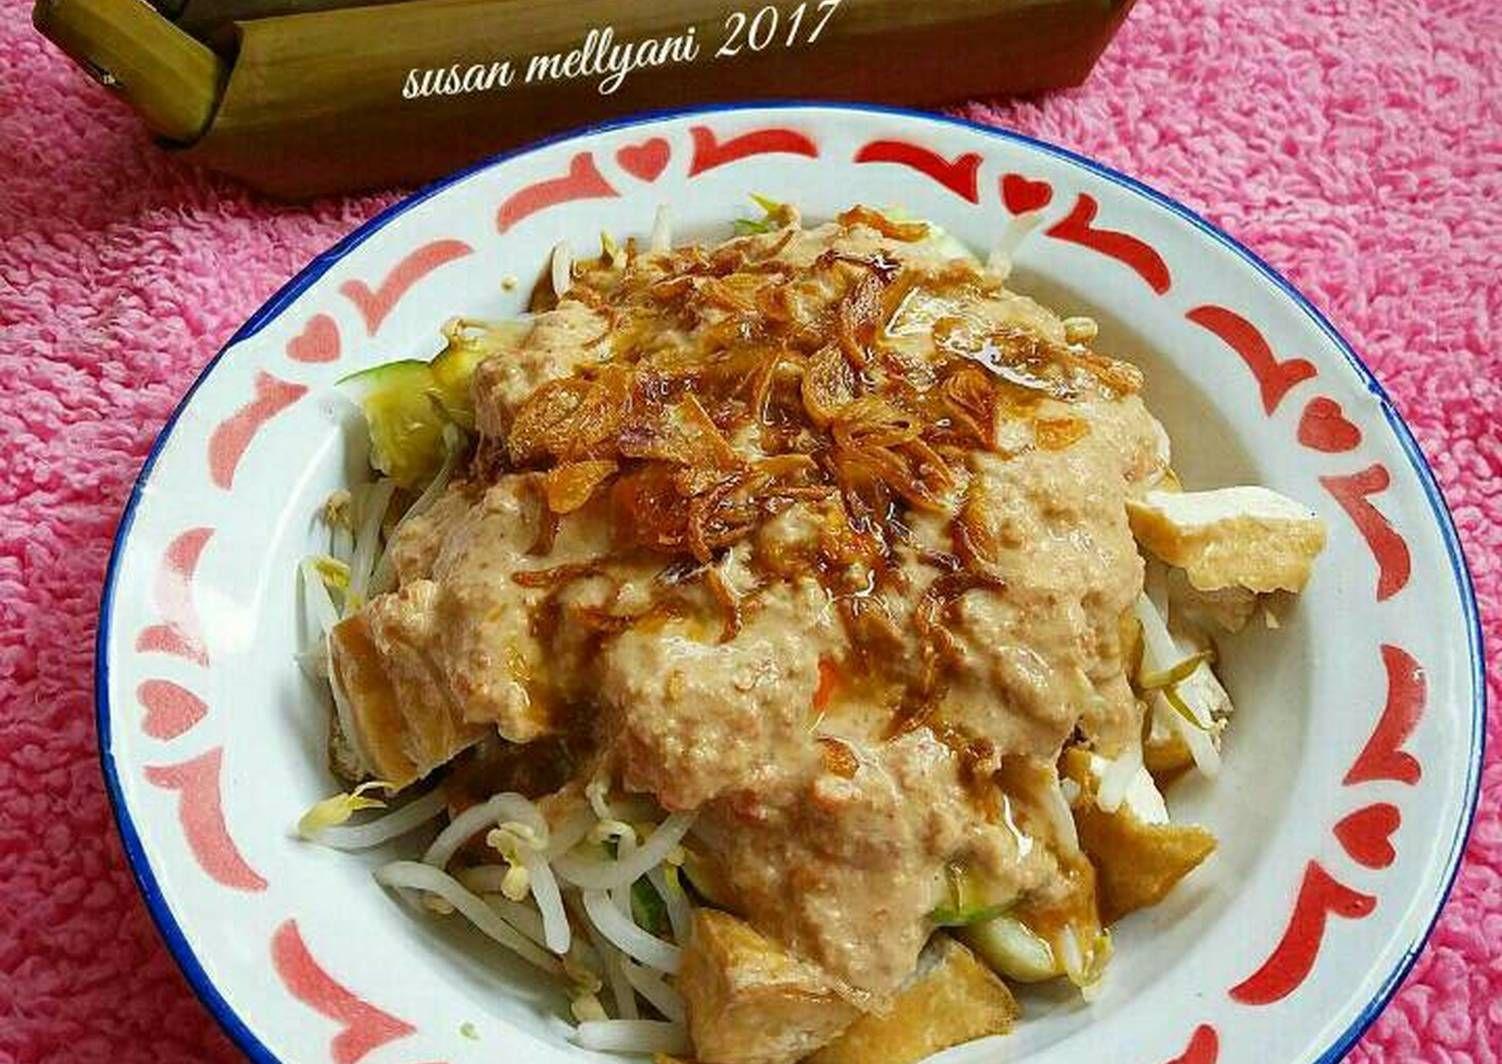 Resep Tahu Campur Oleh Susan Mellyani Resep Resep Tahu Resep Makanan Makanan